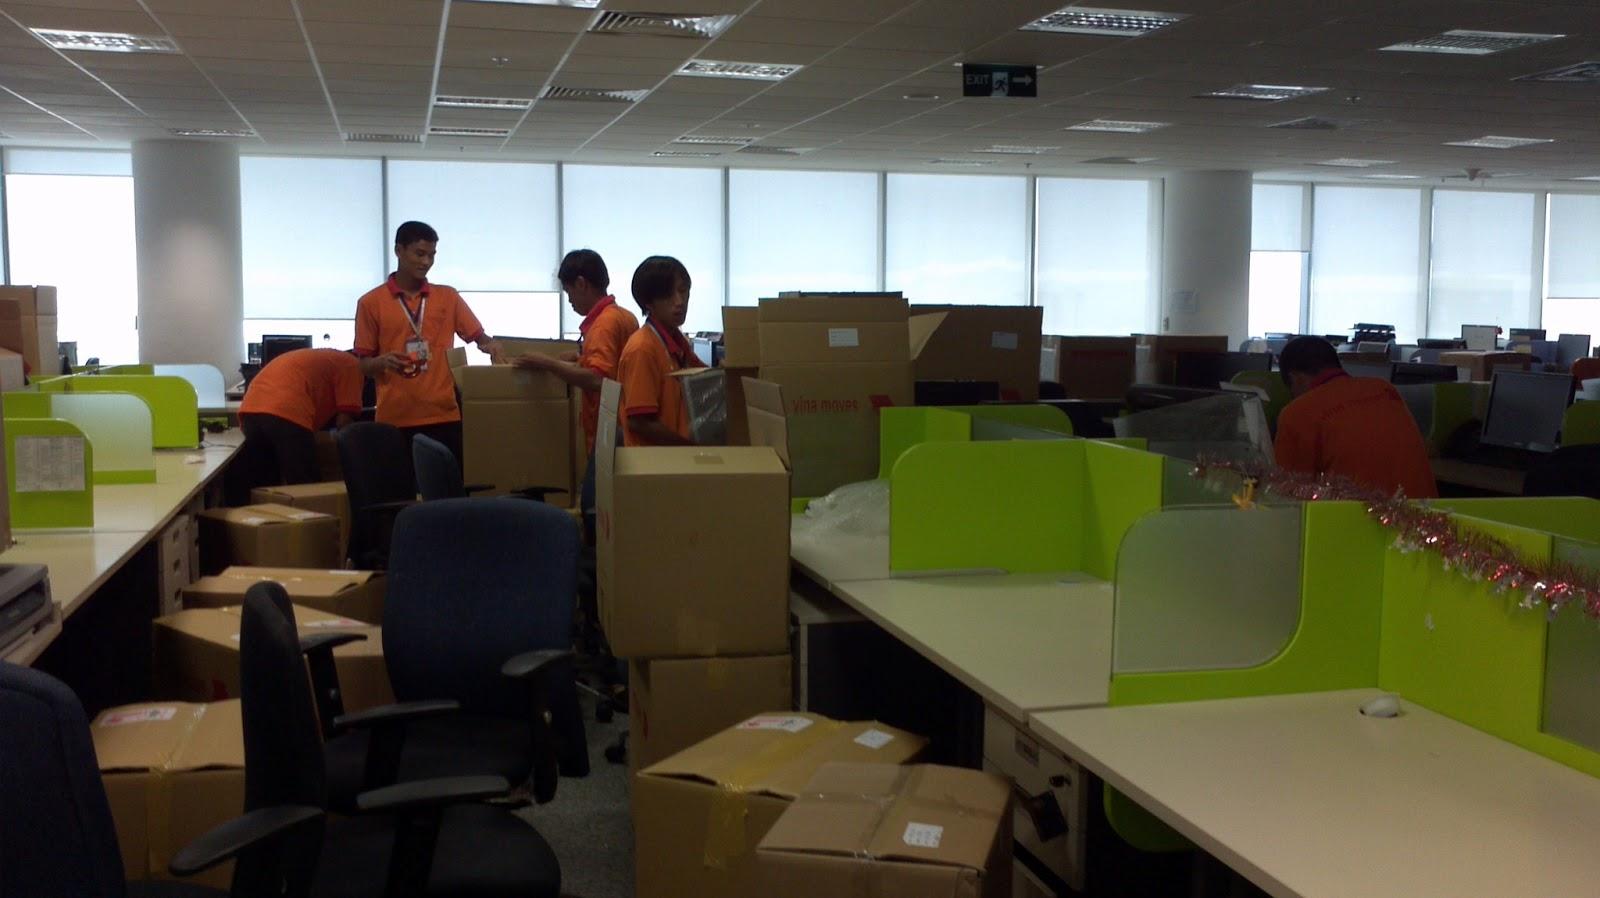 Chuyển văn phòng trọn gói quận Long Biên